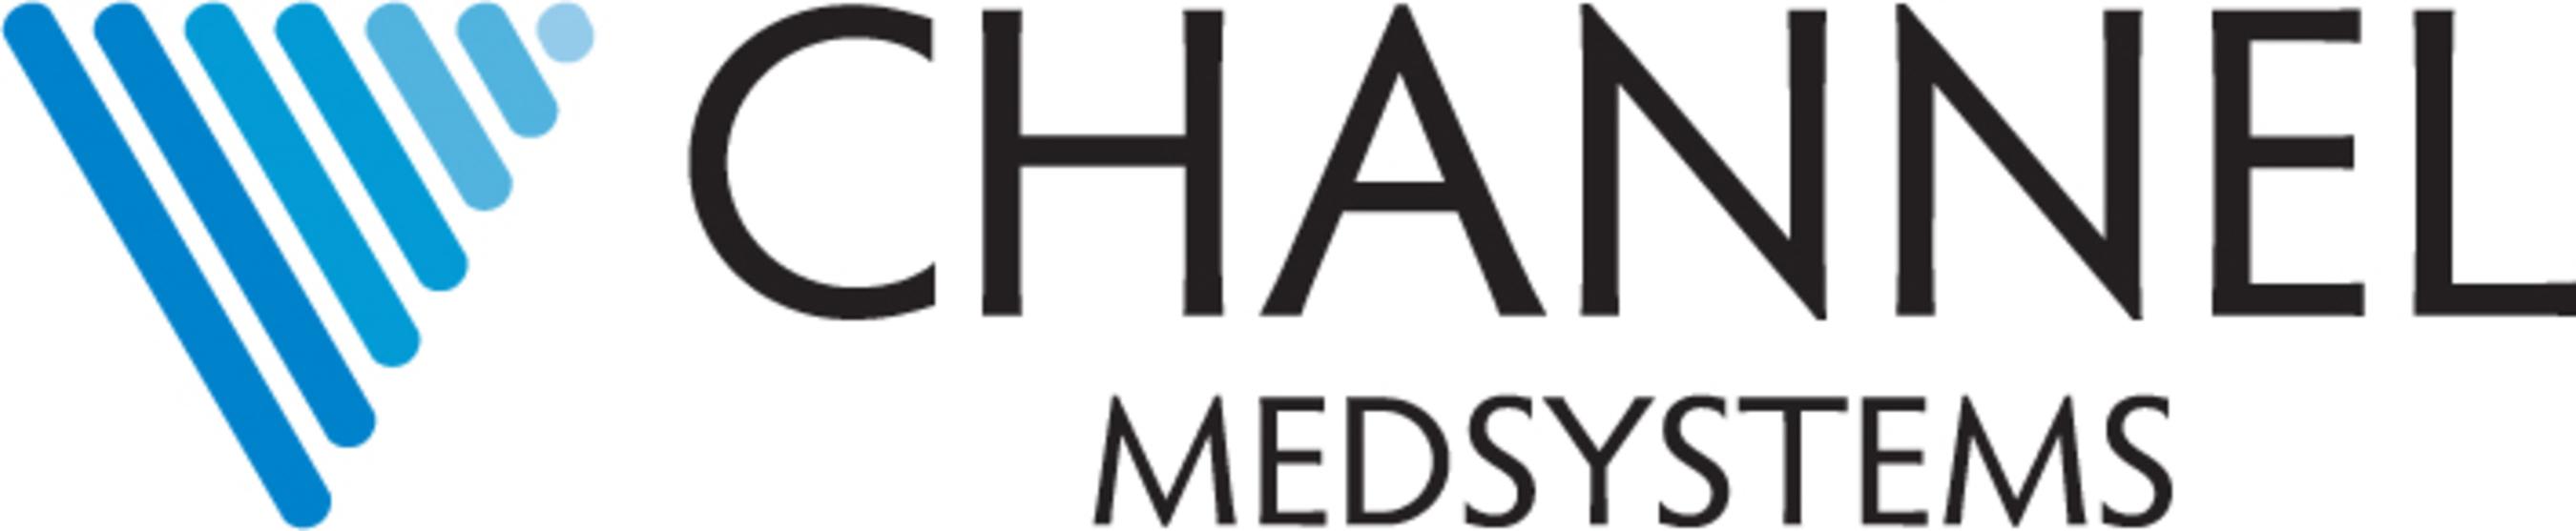 Channel Medsystems.